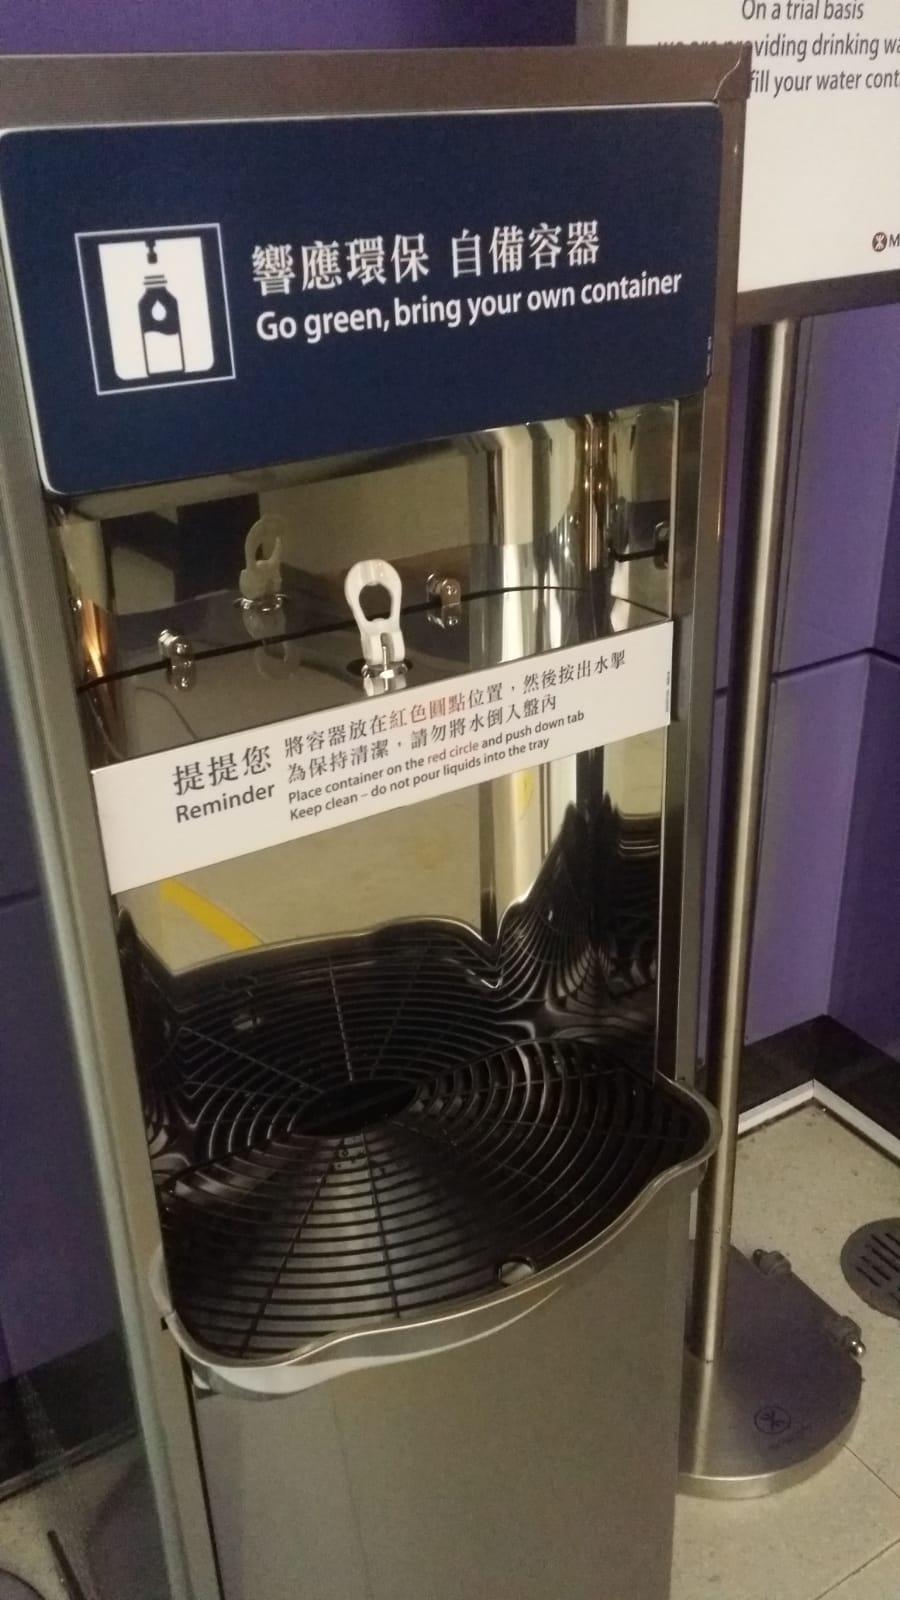 mtr refill water bottle hong kong